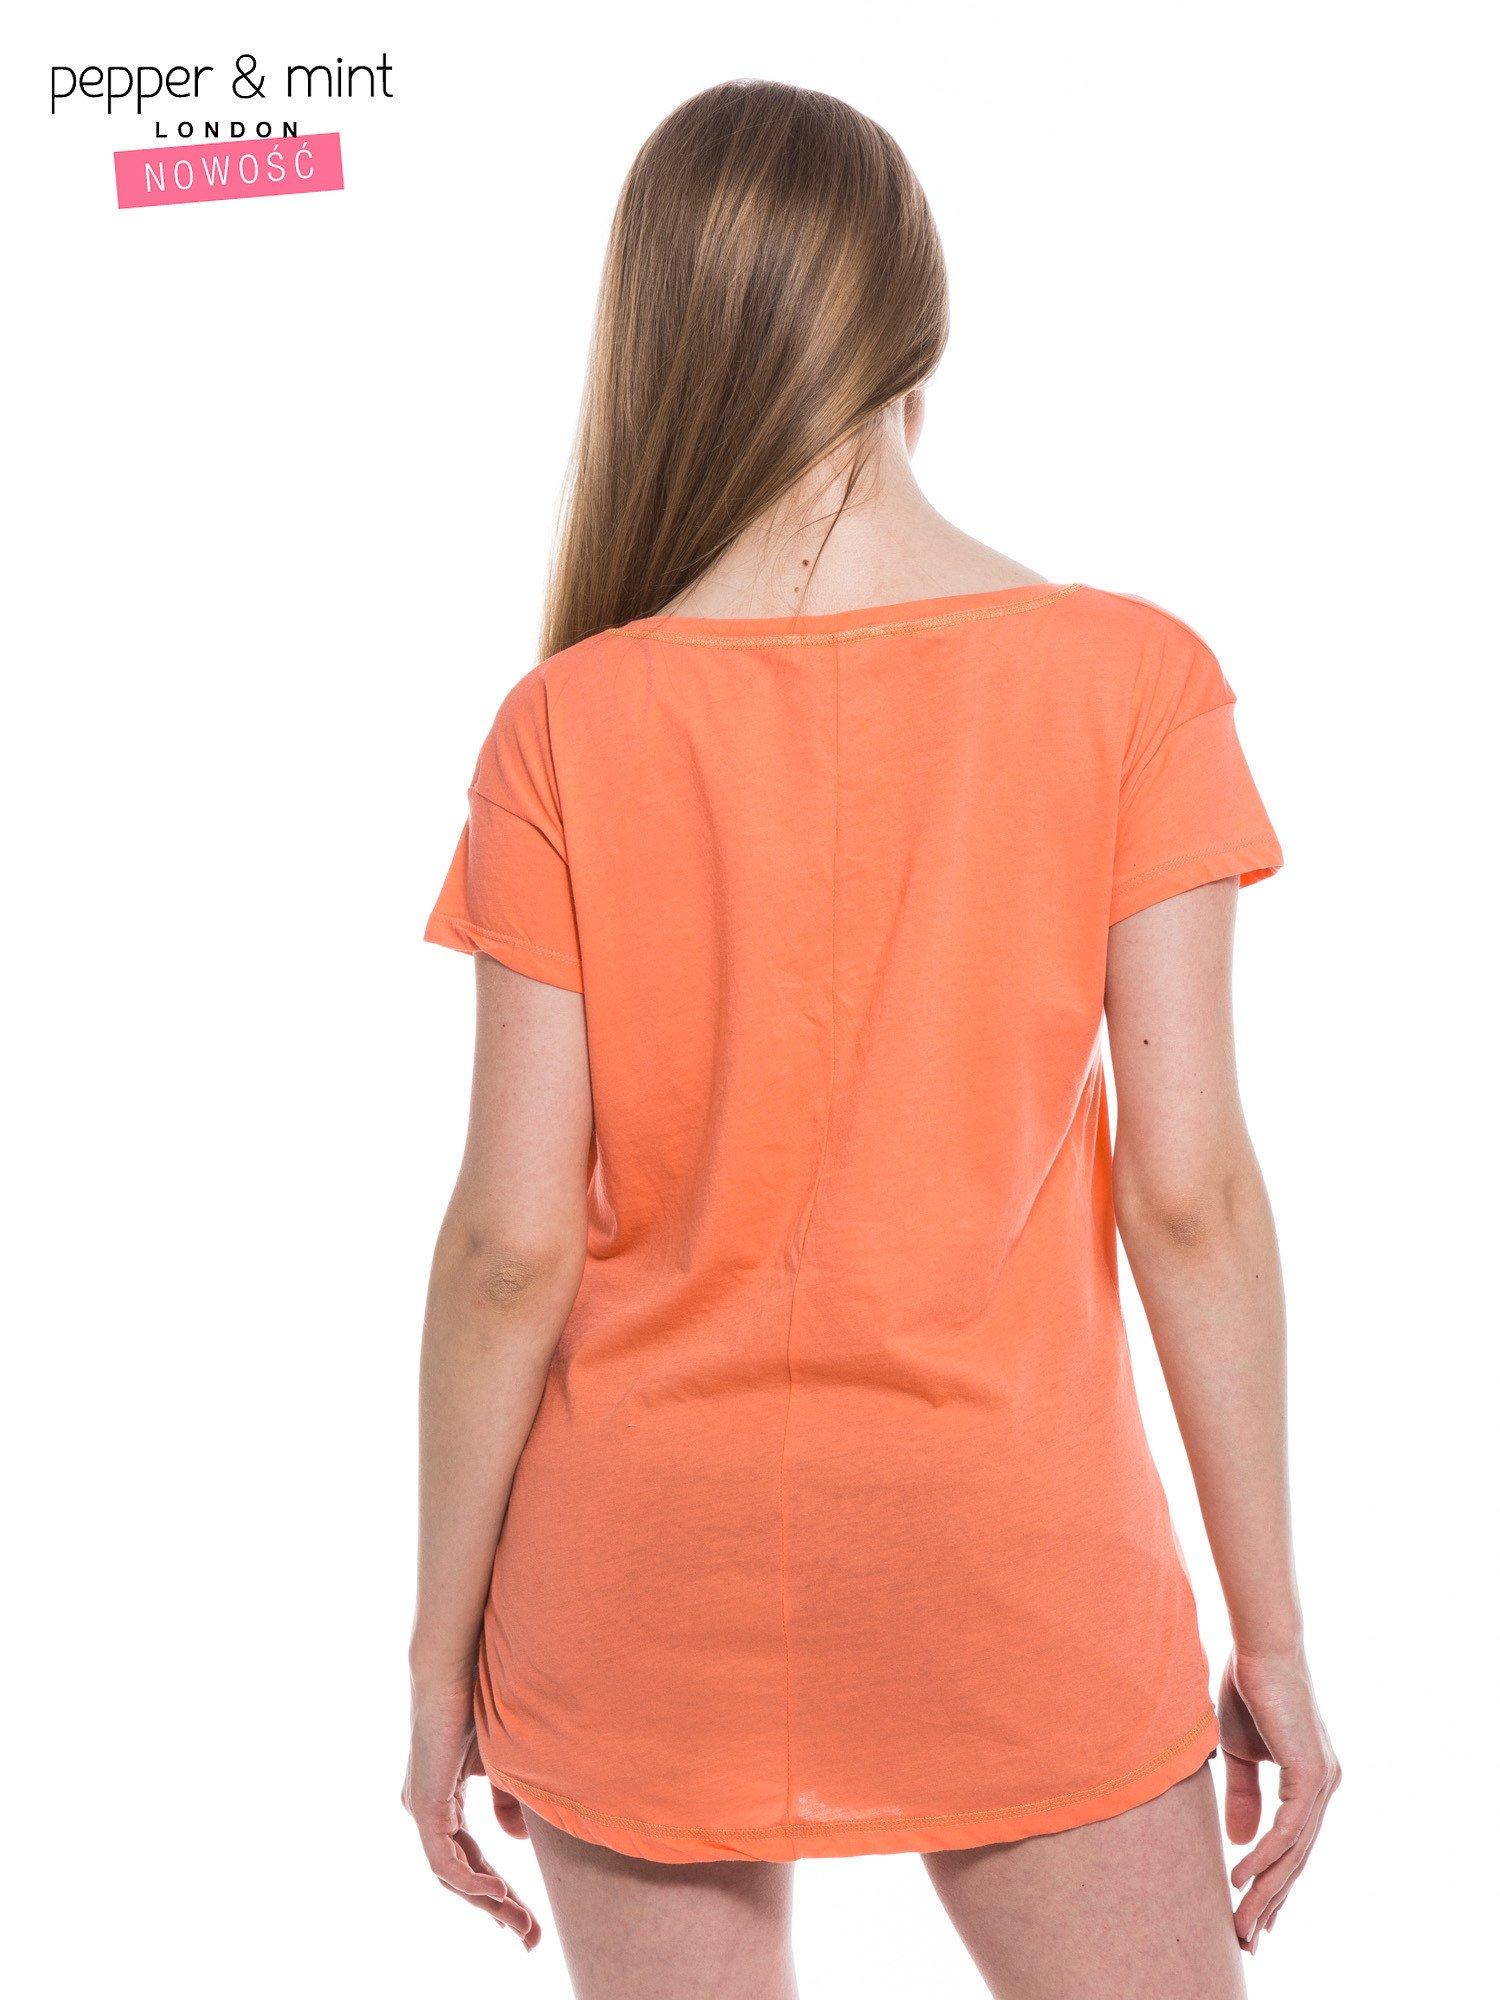 Różowopomarańczowy t-shirt z nadrukiem dziewczyny                                  zdj.                                  4